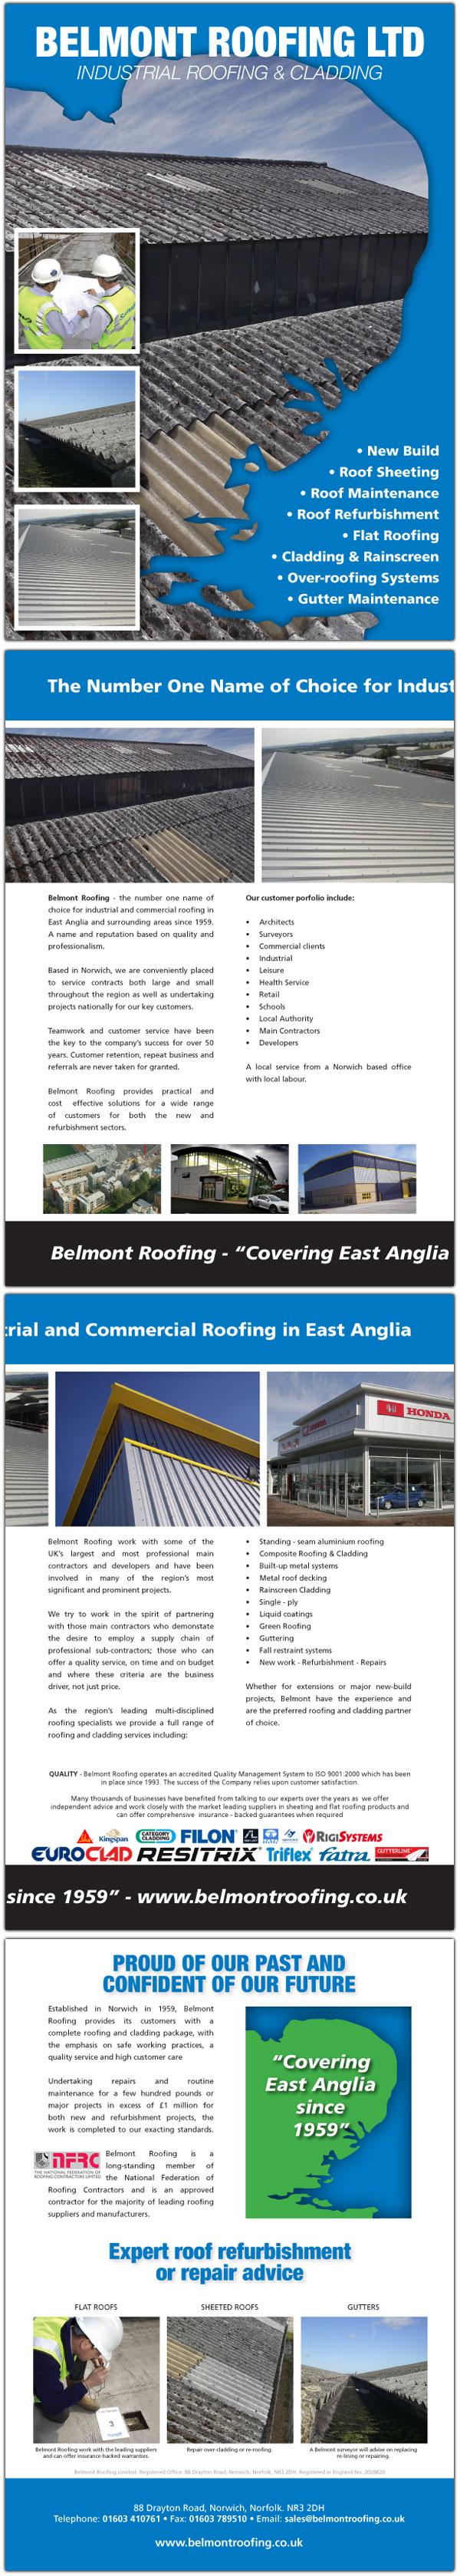 belmont_roofing_brochure_2013